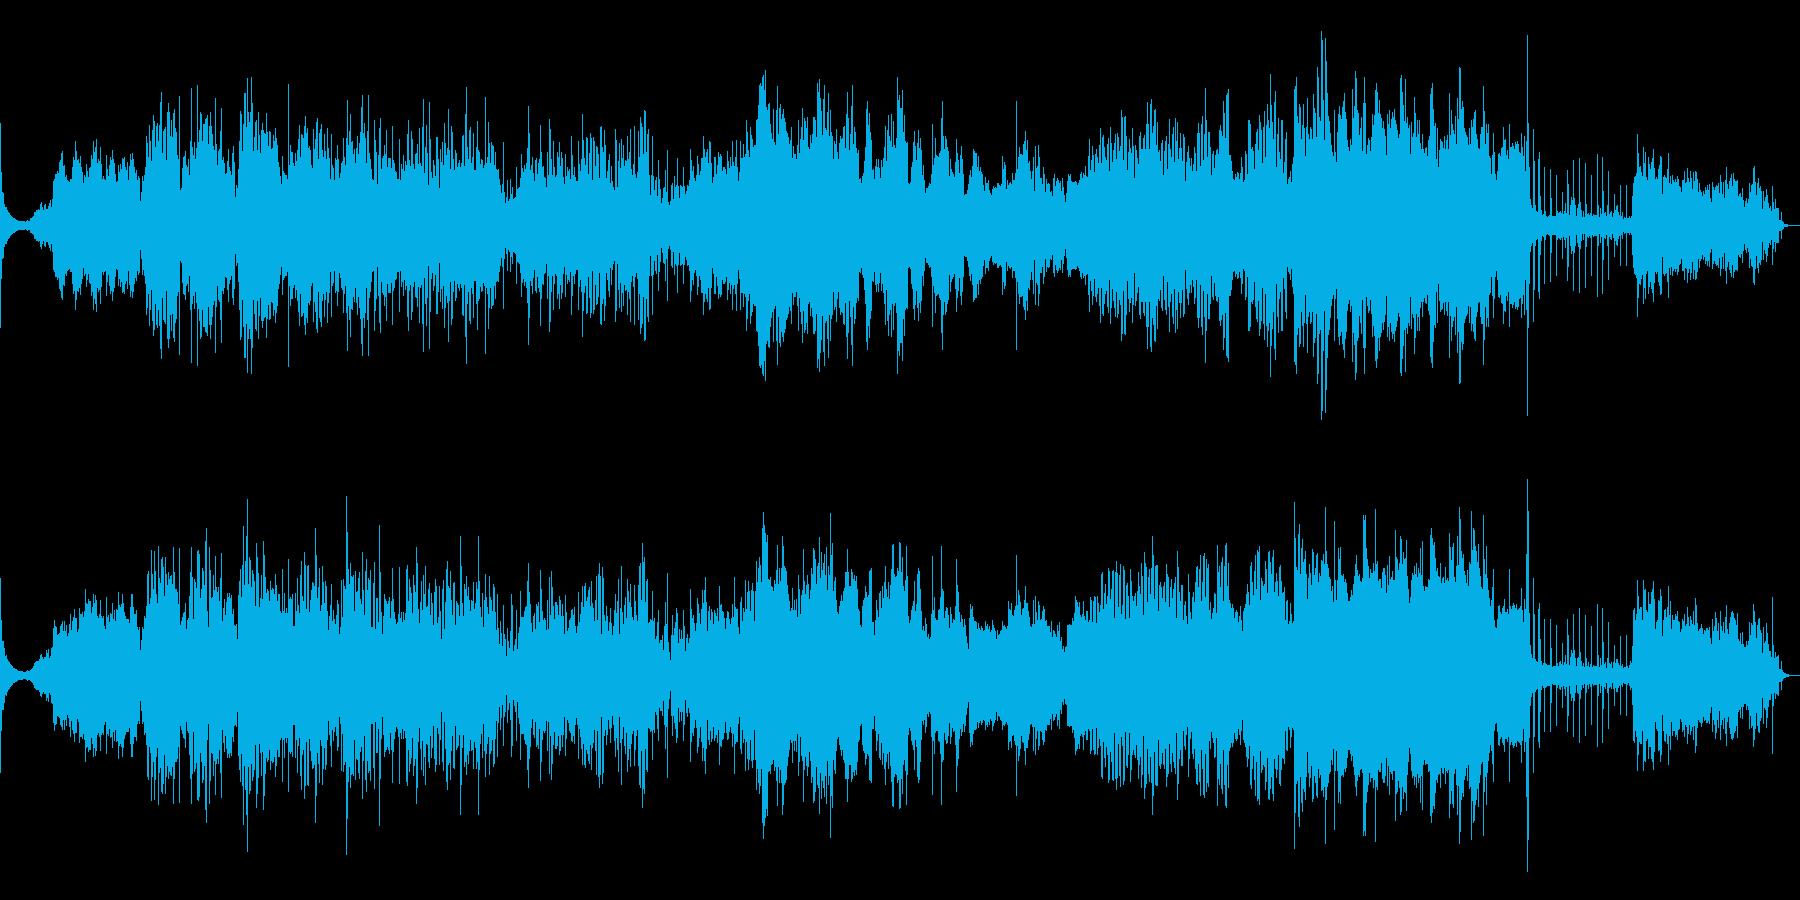 水を主題にしたノイズミュージックの再生済みの波形